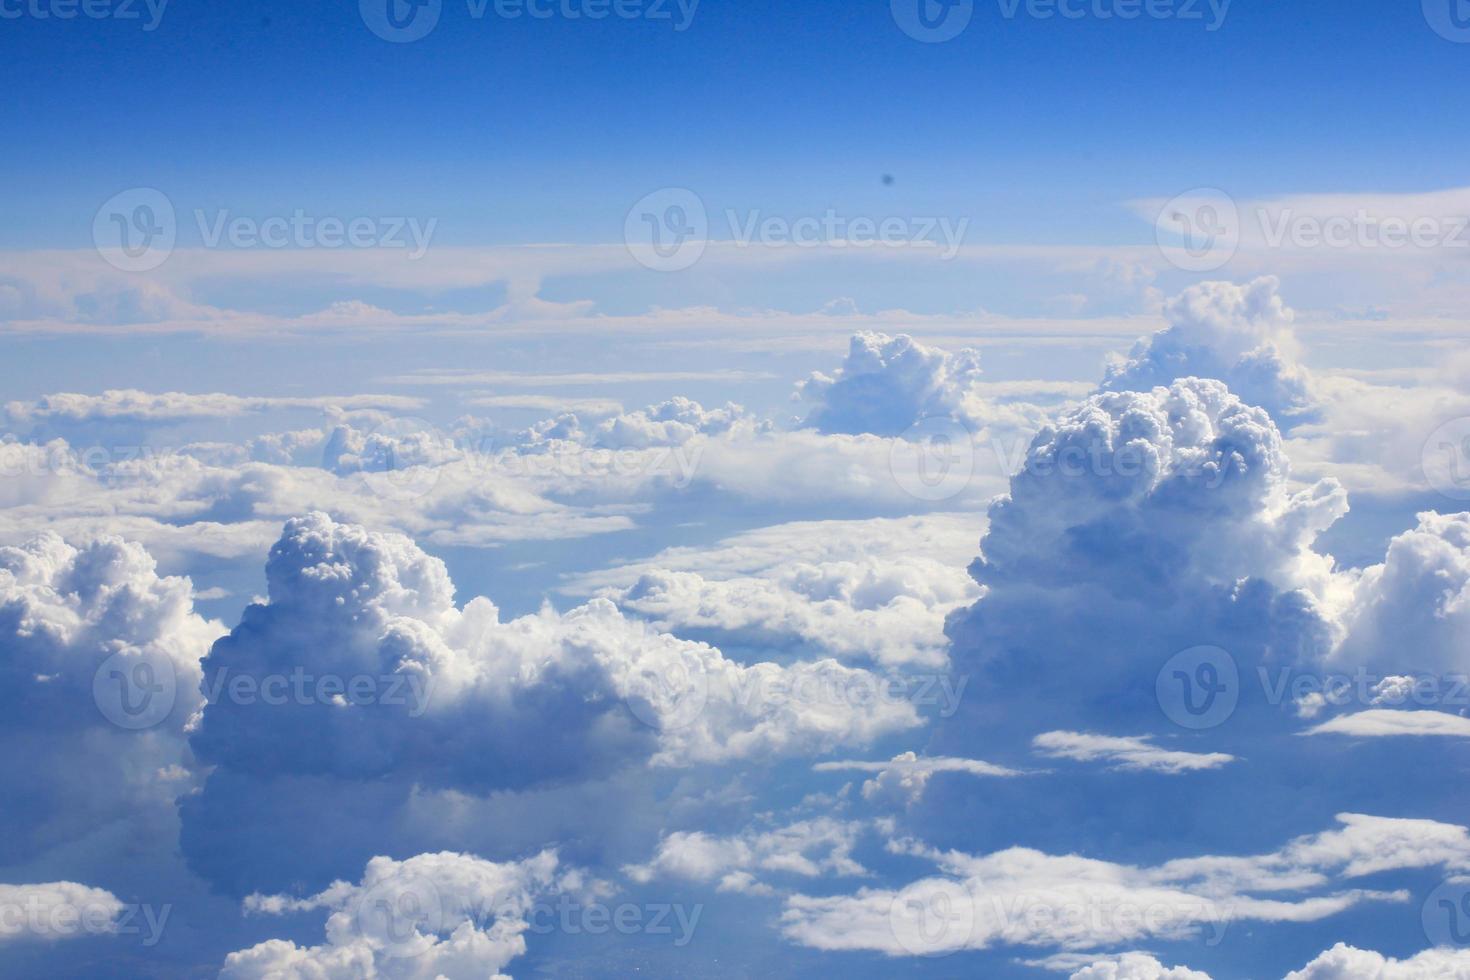 Wolken und Himmelsansicht von einem Flugzeug foto